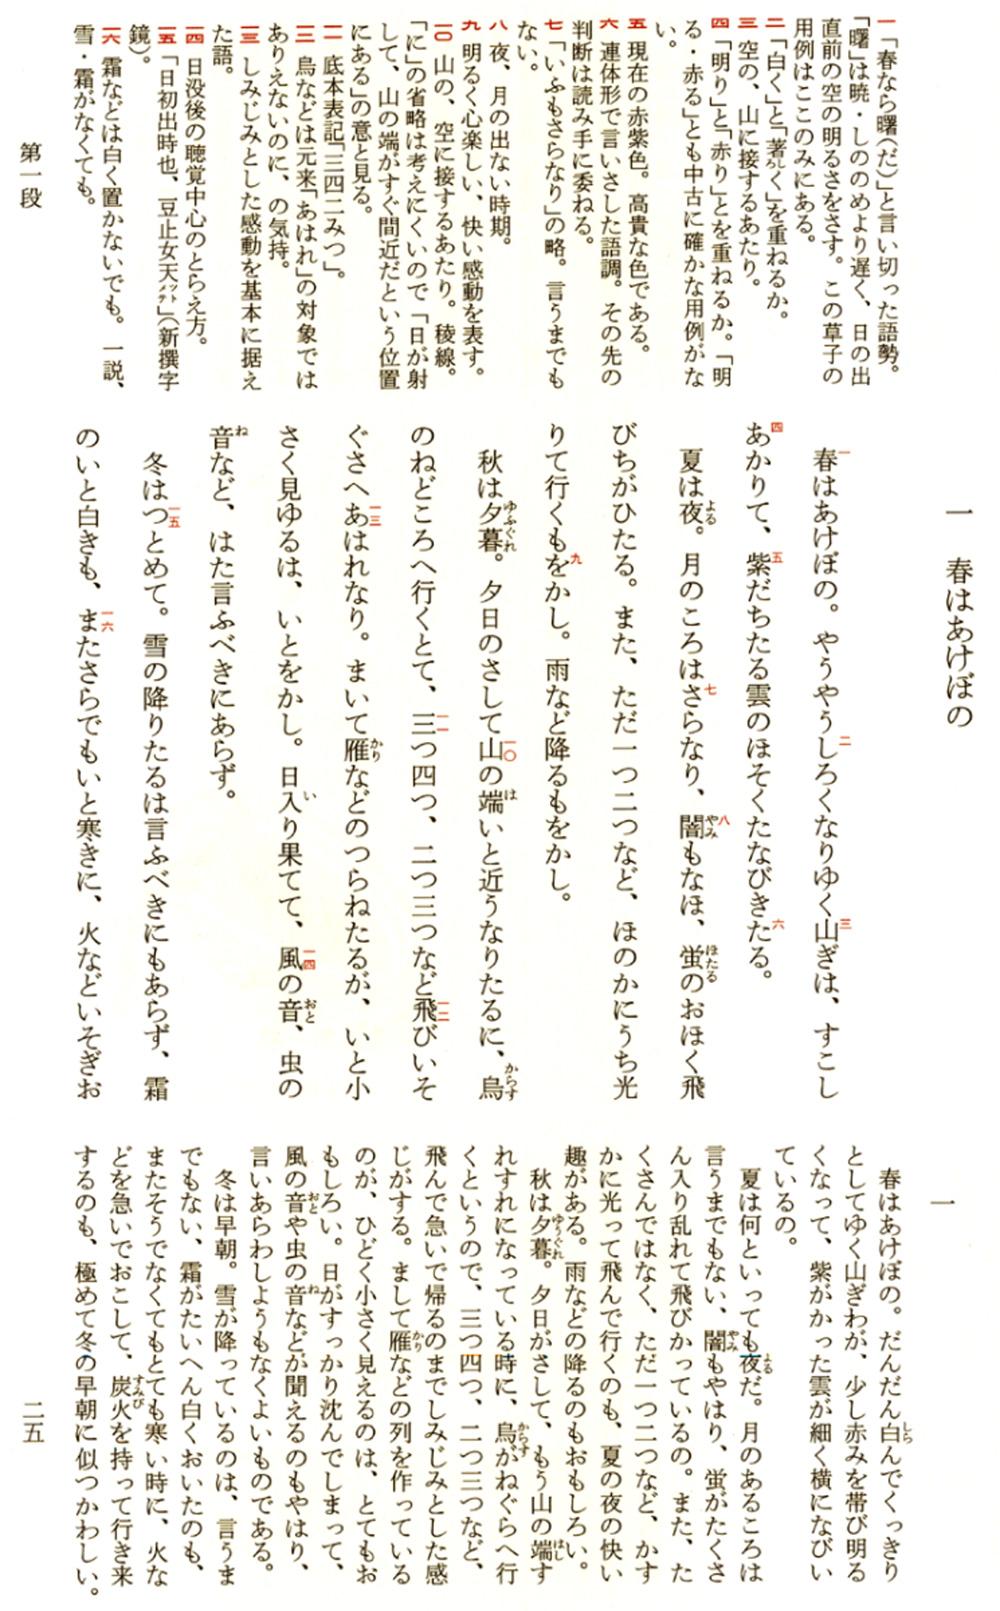 新編 日本古典文学全集 枕草子 春はあけぼの